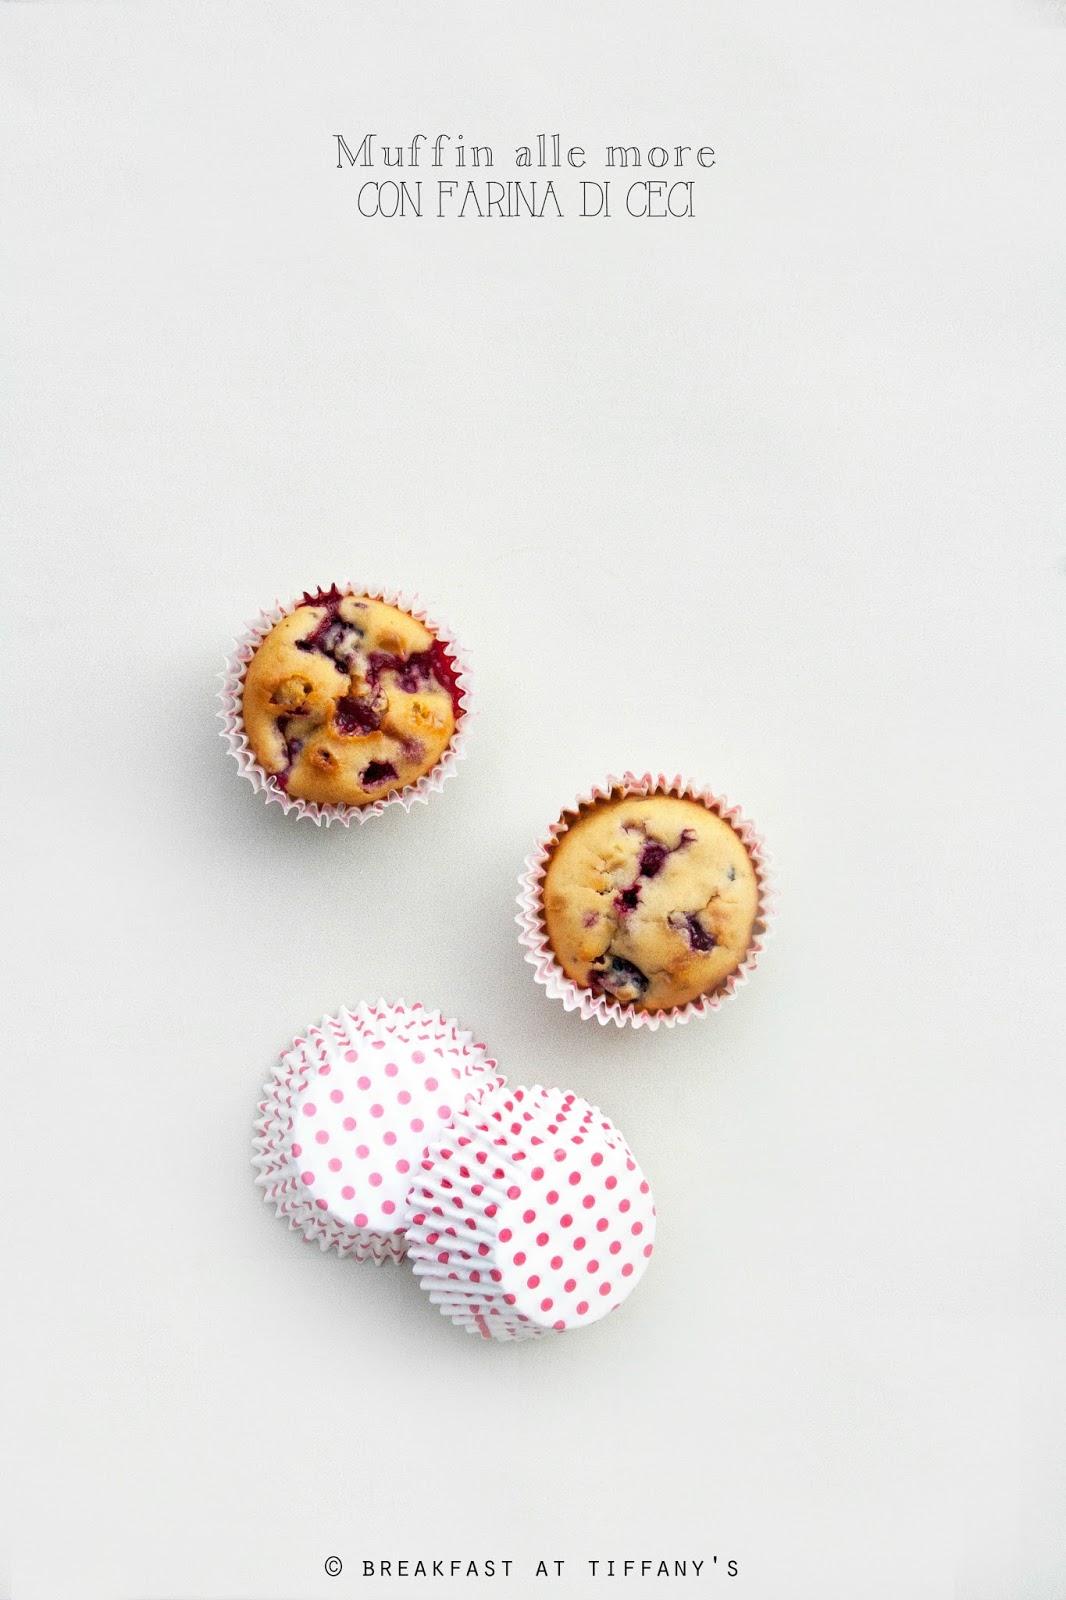 Muffin alle more con farina di ceci